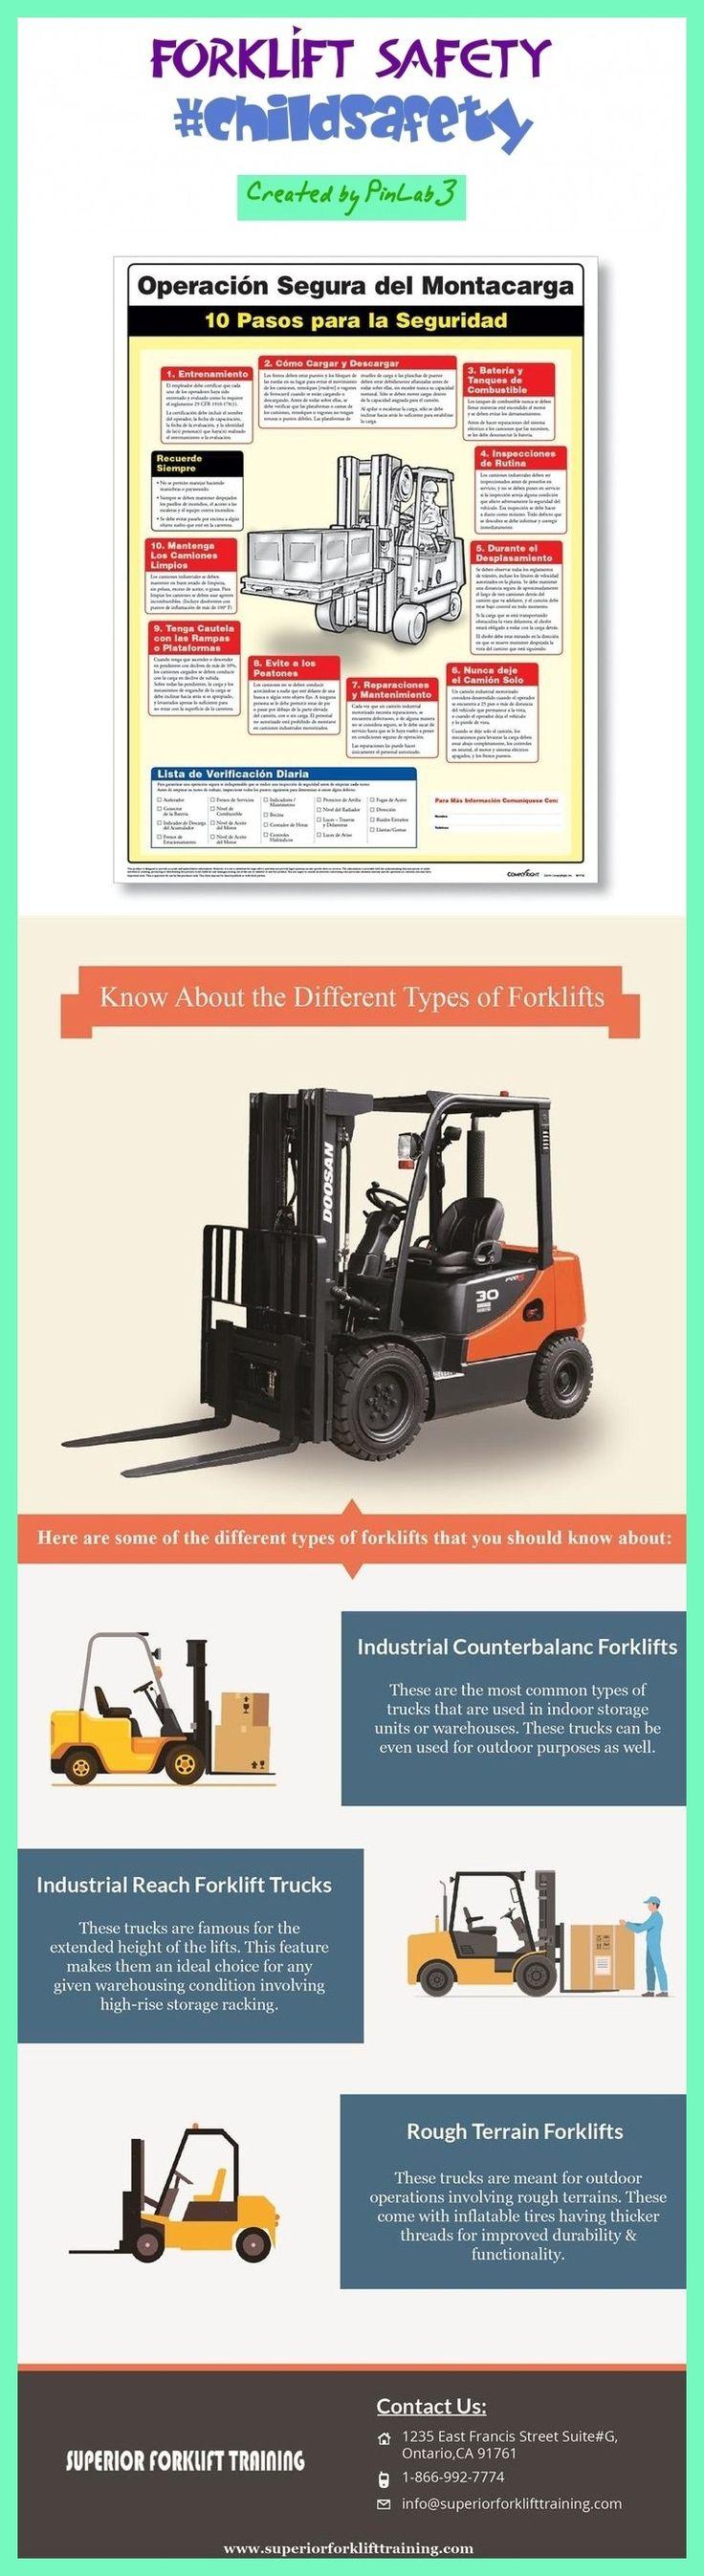 forklift safety in 2020 Safety slogans, Forklift safety